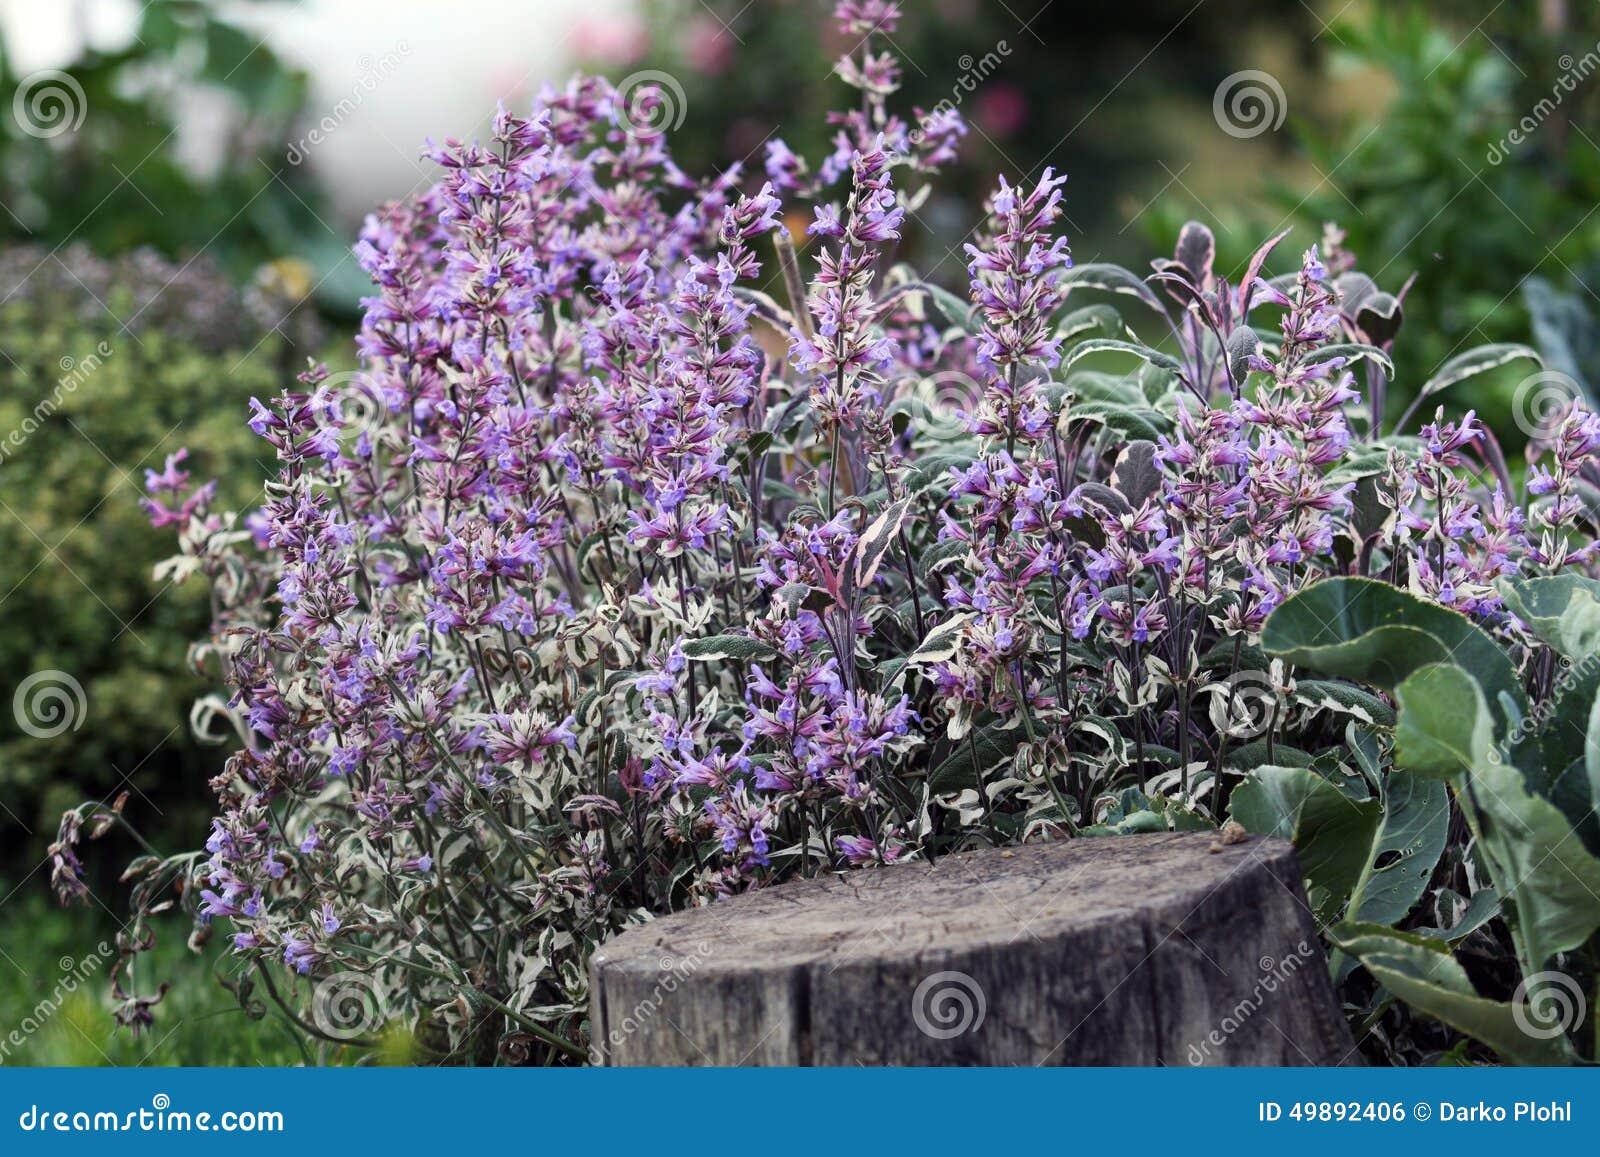 Sage bush blooming